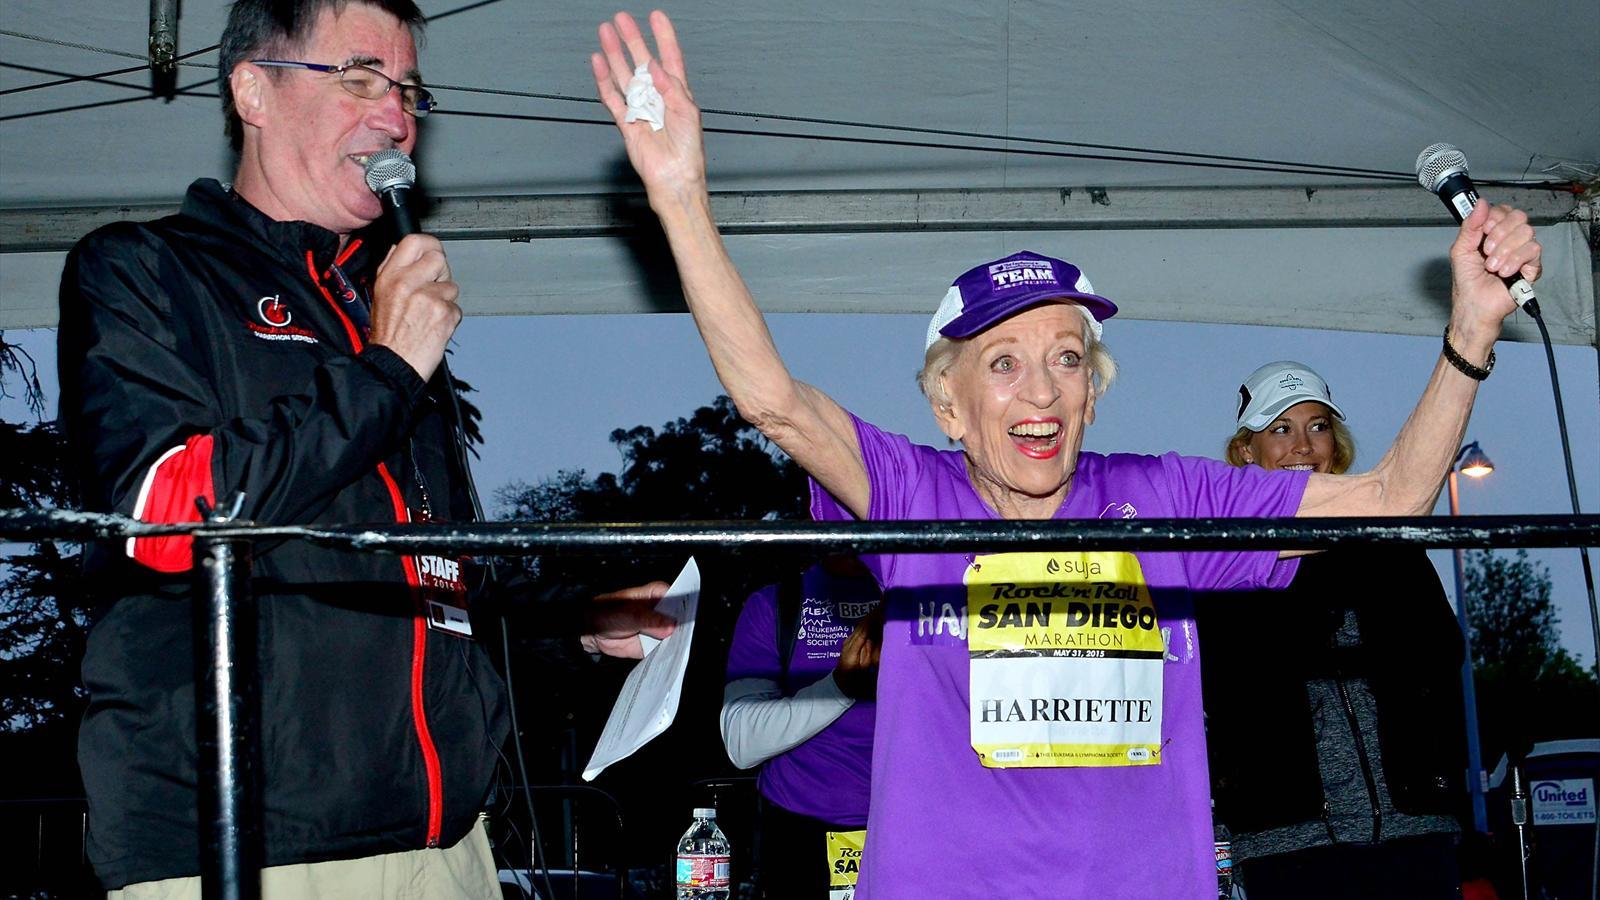 Aos 92 anos, atleta norte-americana completa maratona e bate recorde